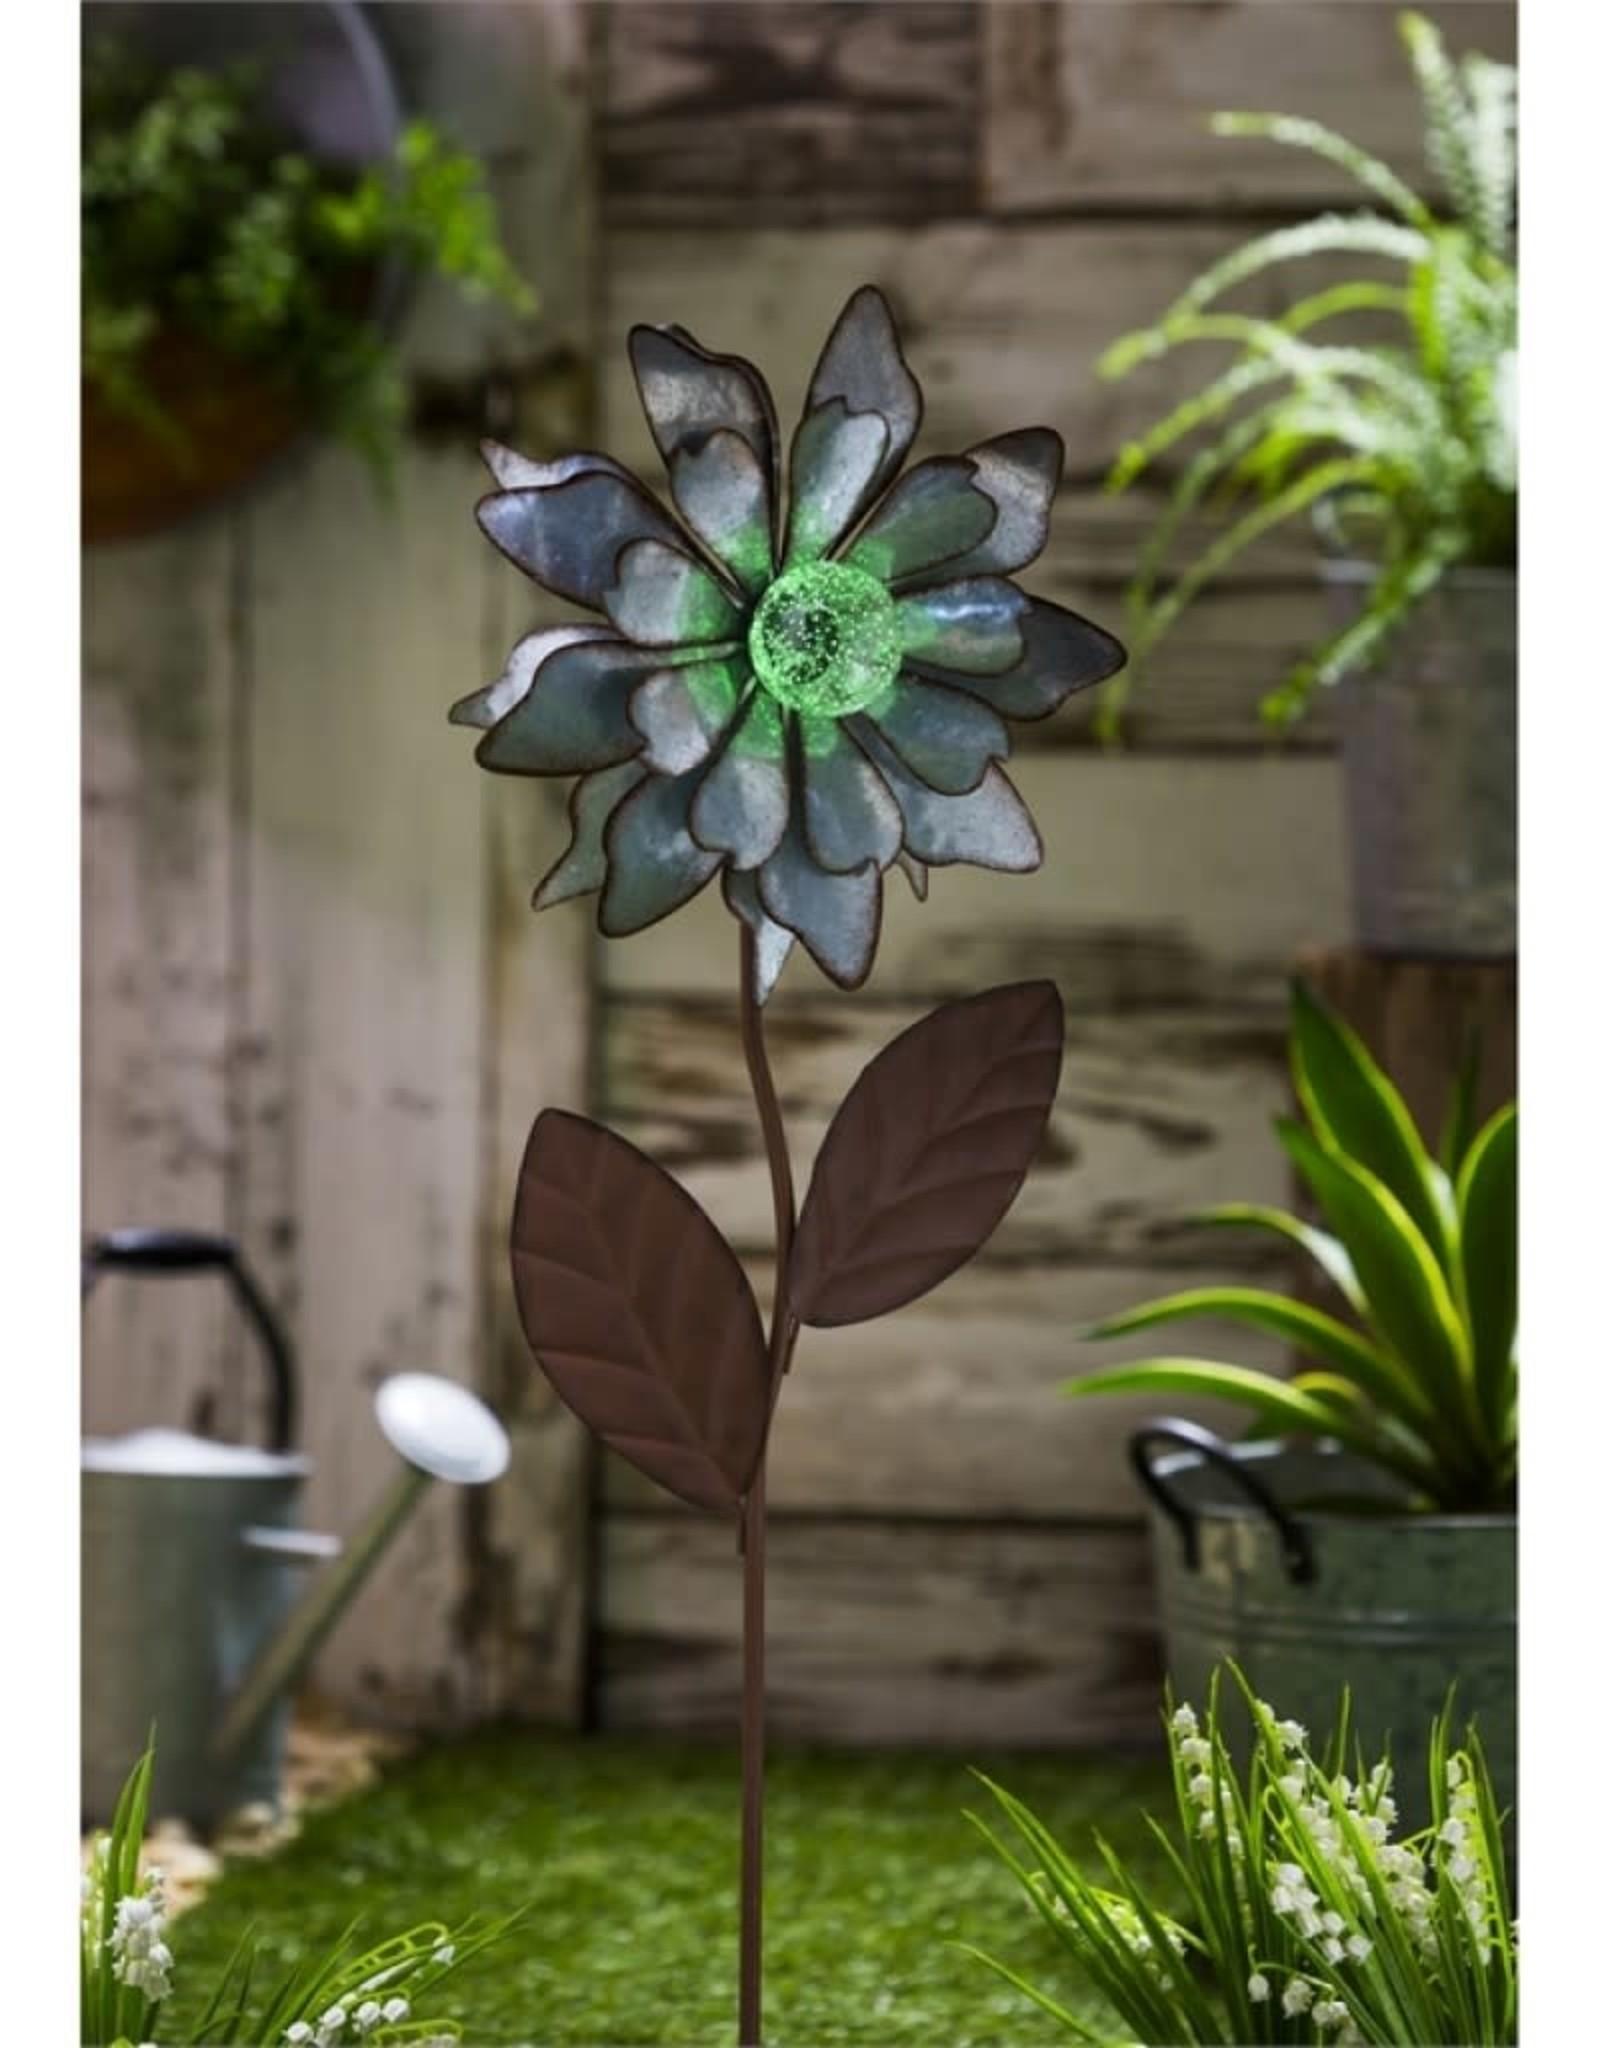 Glow in the Dark Galvanized Flower